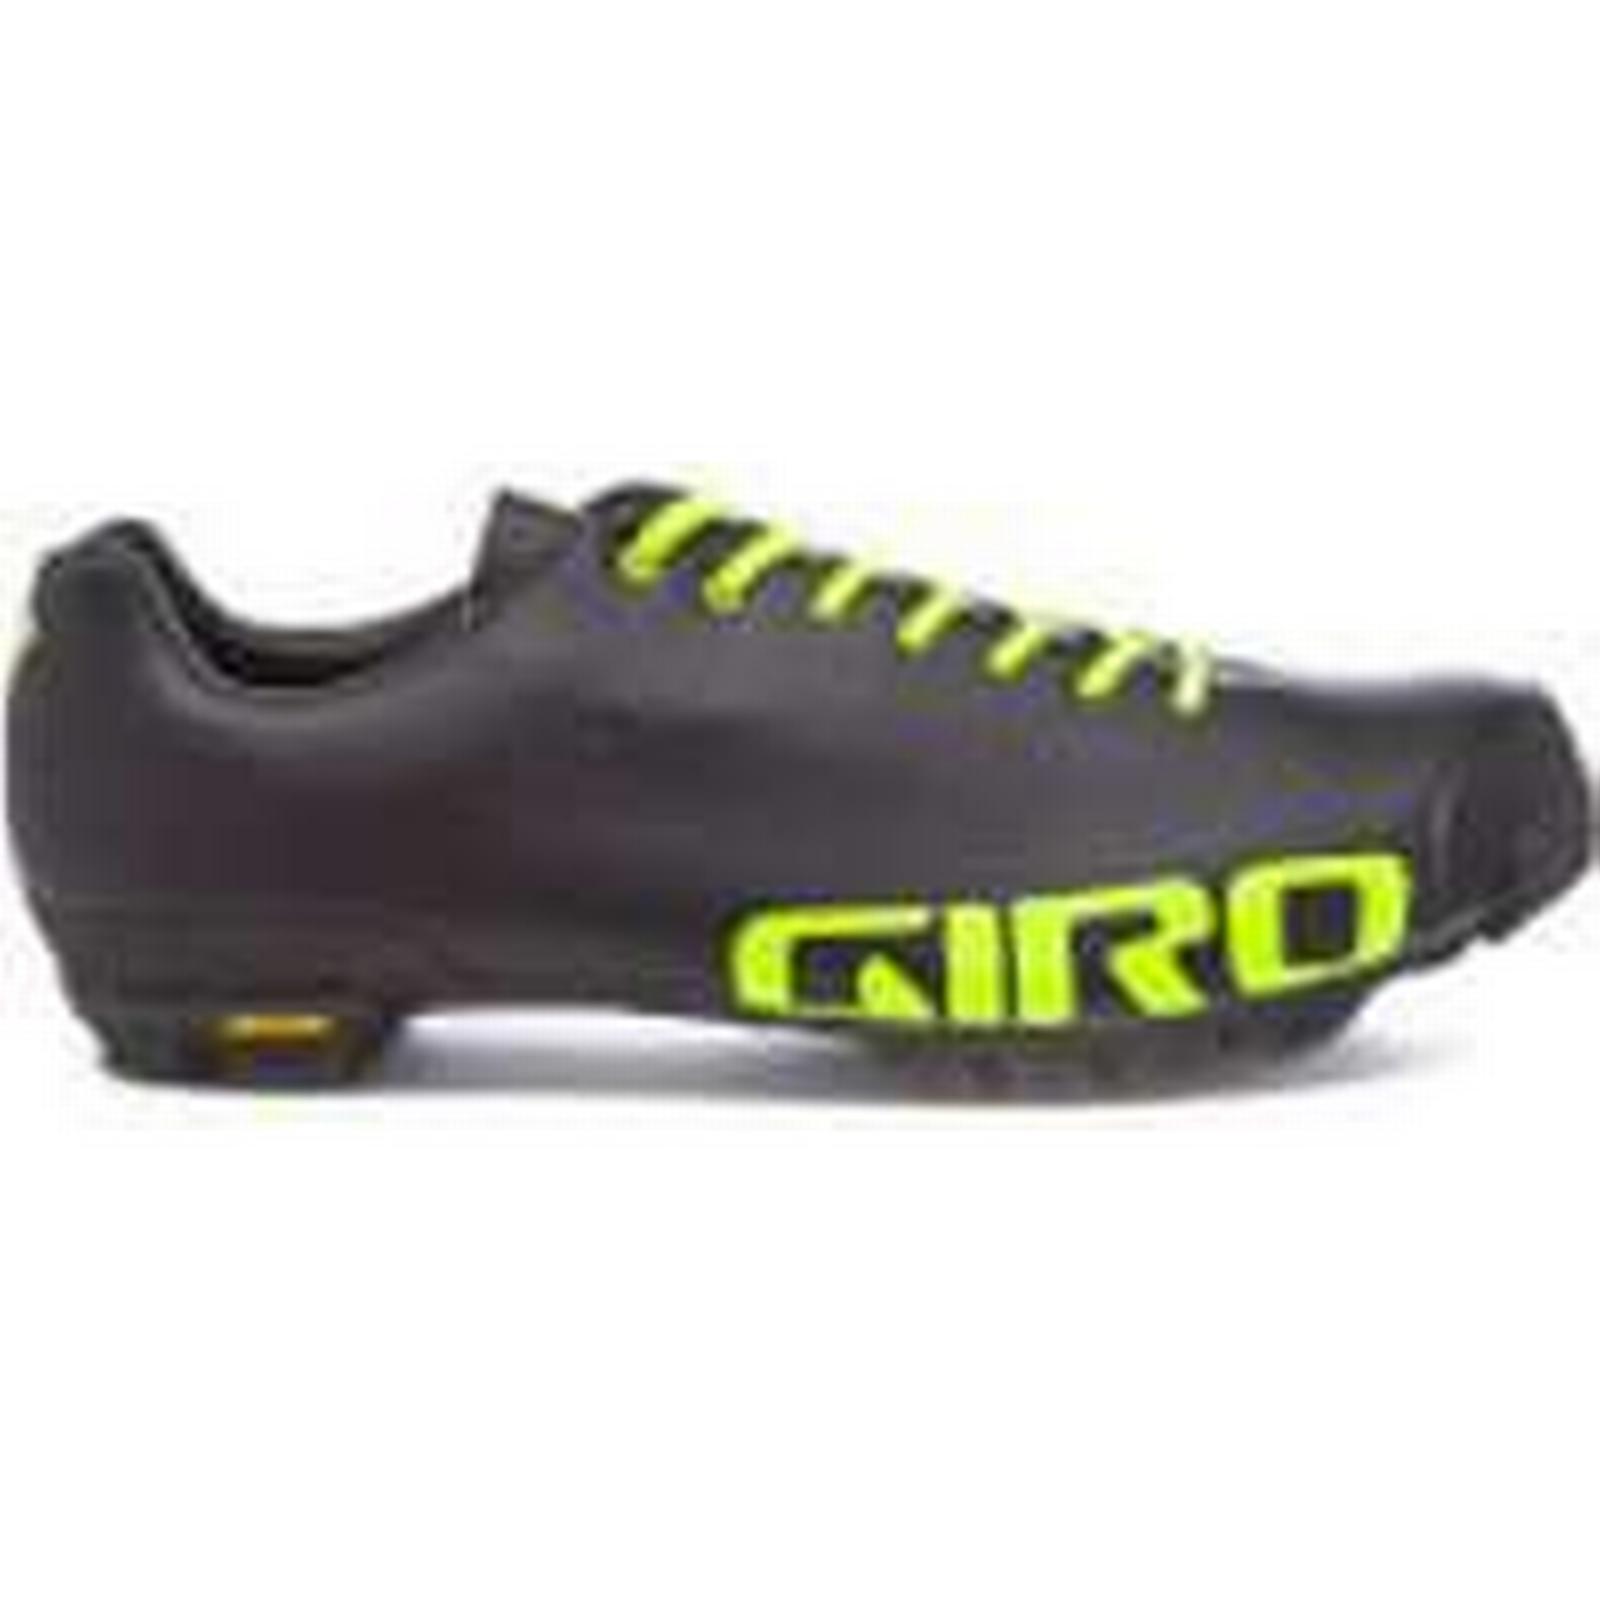 Giro Empire VR90 Dirt Cycling Shoes - 7 Black/Lime - EU 40.5/UK 7 - - Black/Green 7b2821